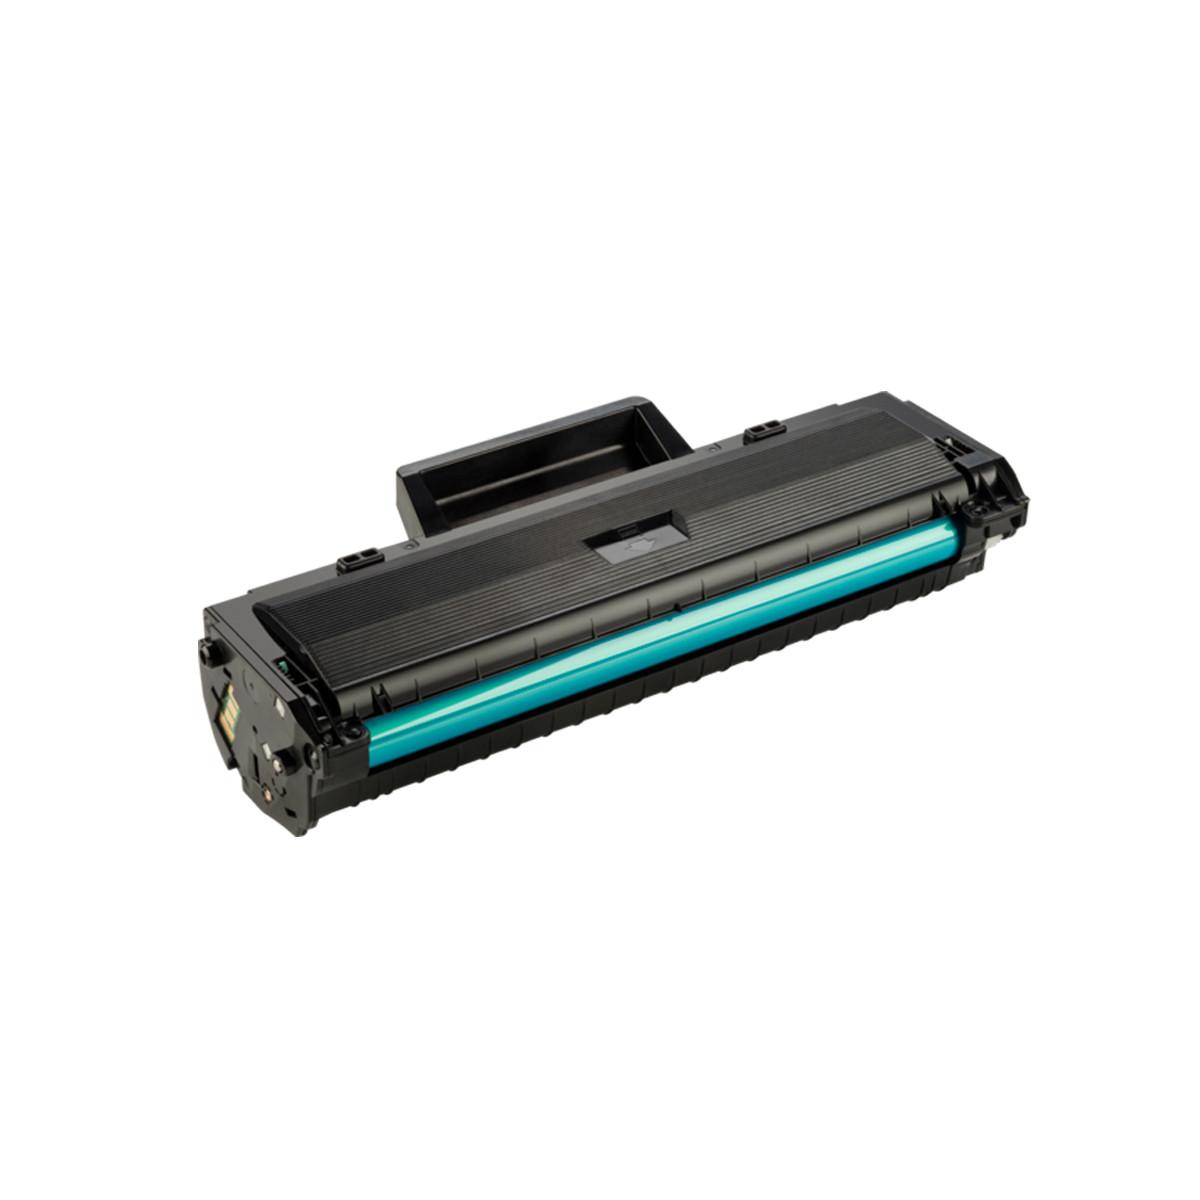 Toner Compatível com HP 105A W1105A | 107A 107W 135A 135W | COM CHIP | Importado 1k